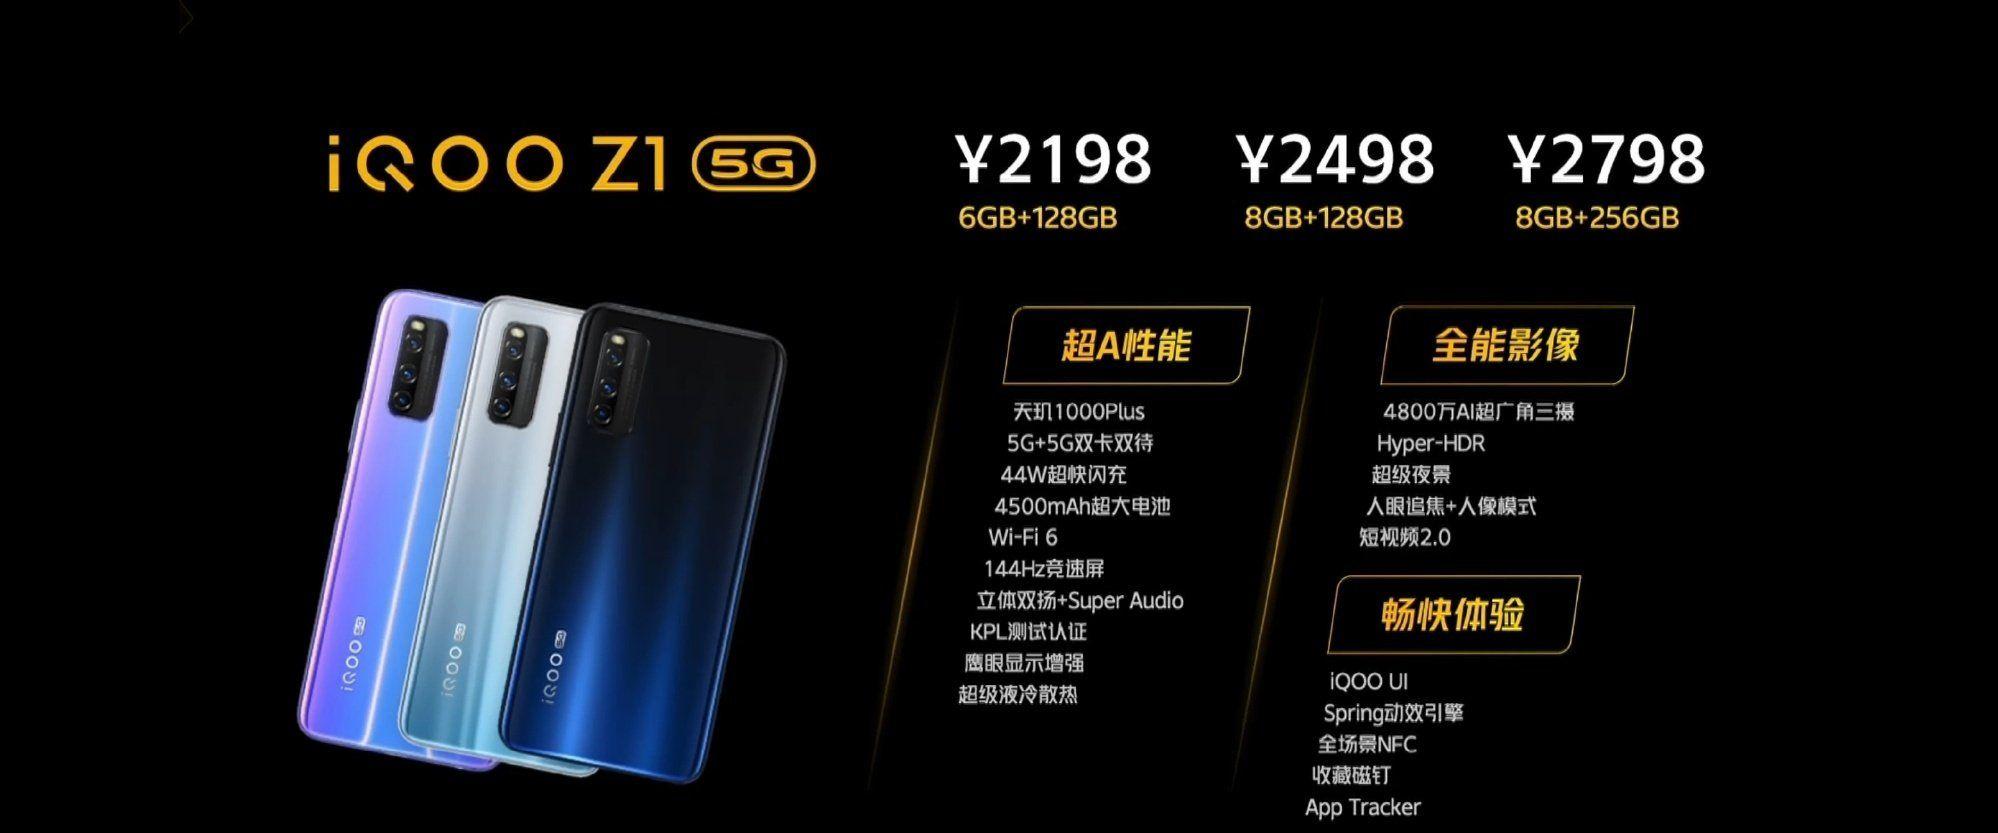 iqoo-z1-price